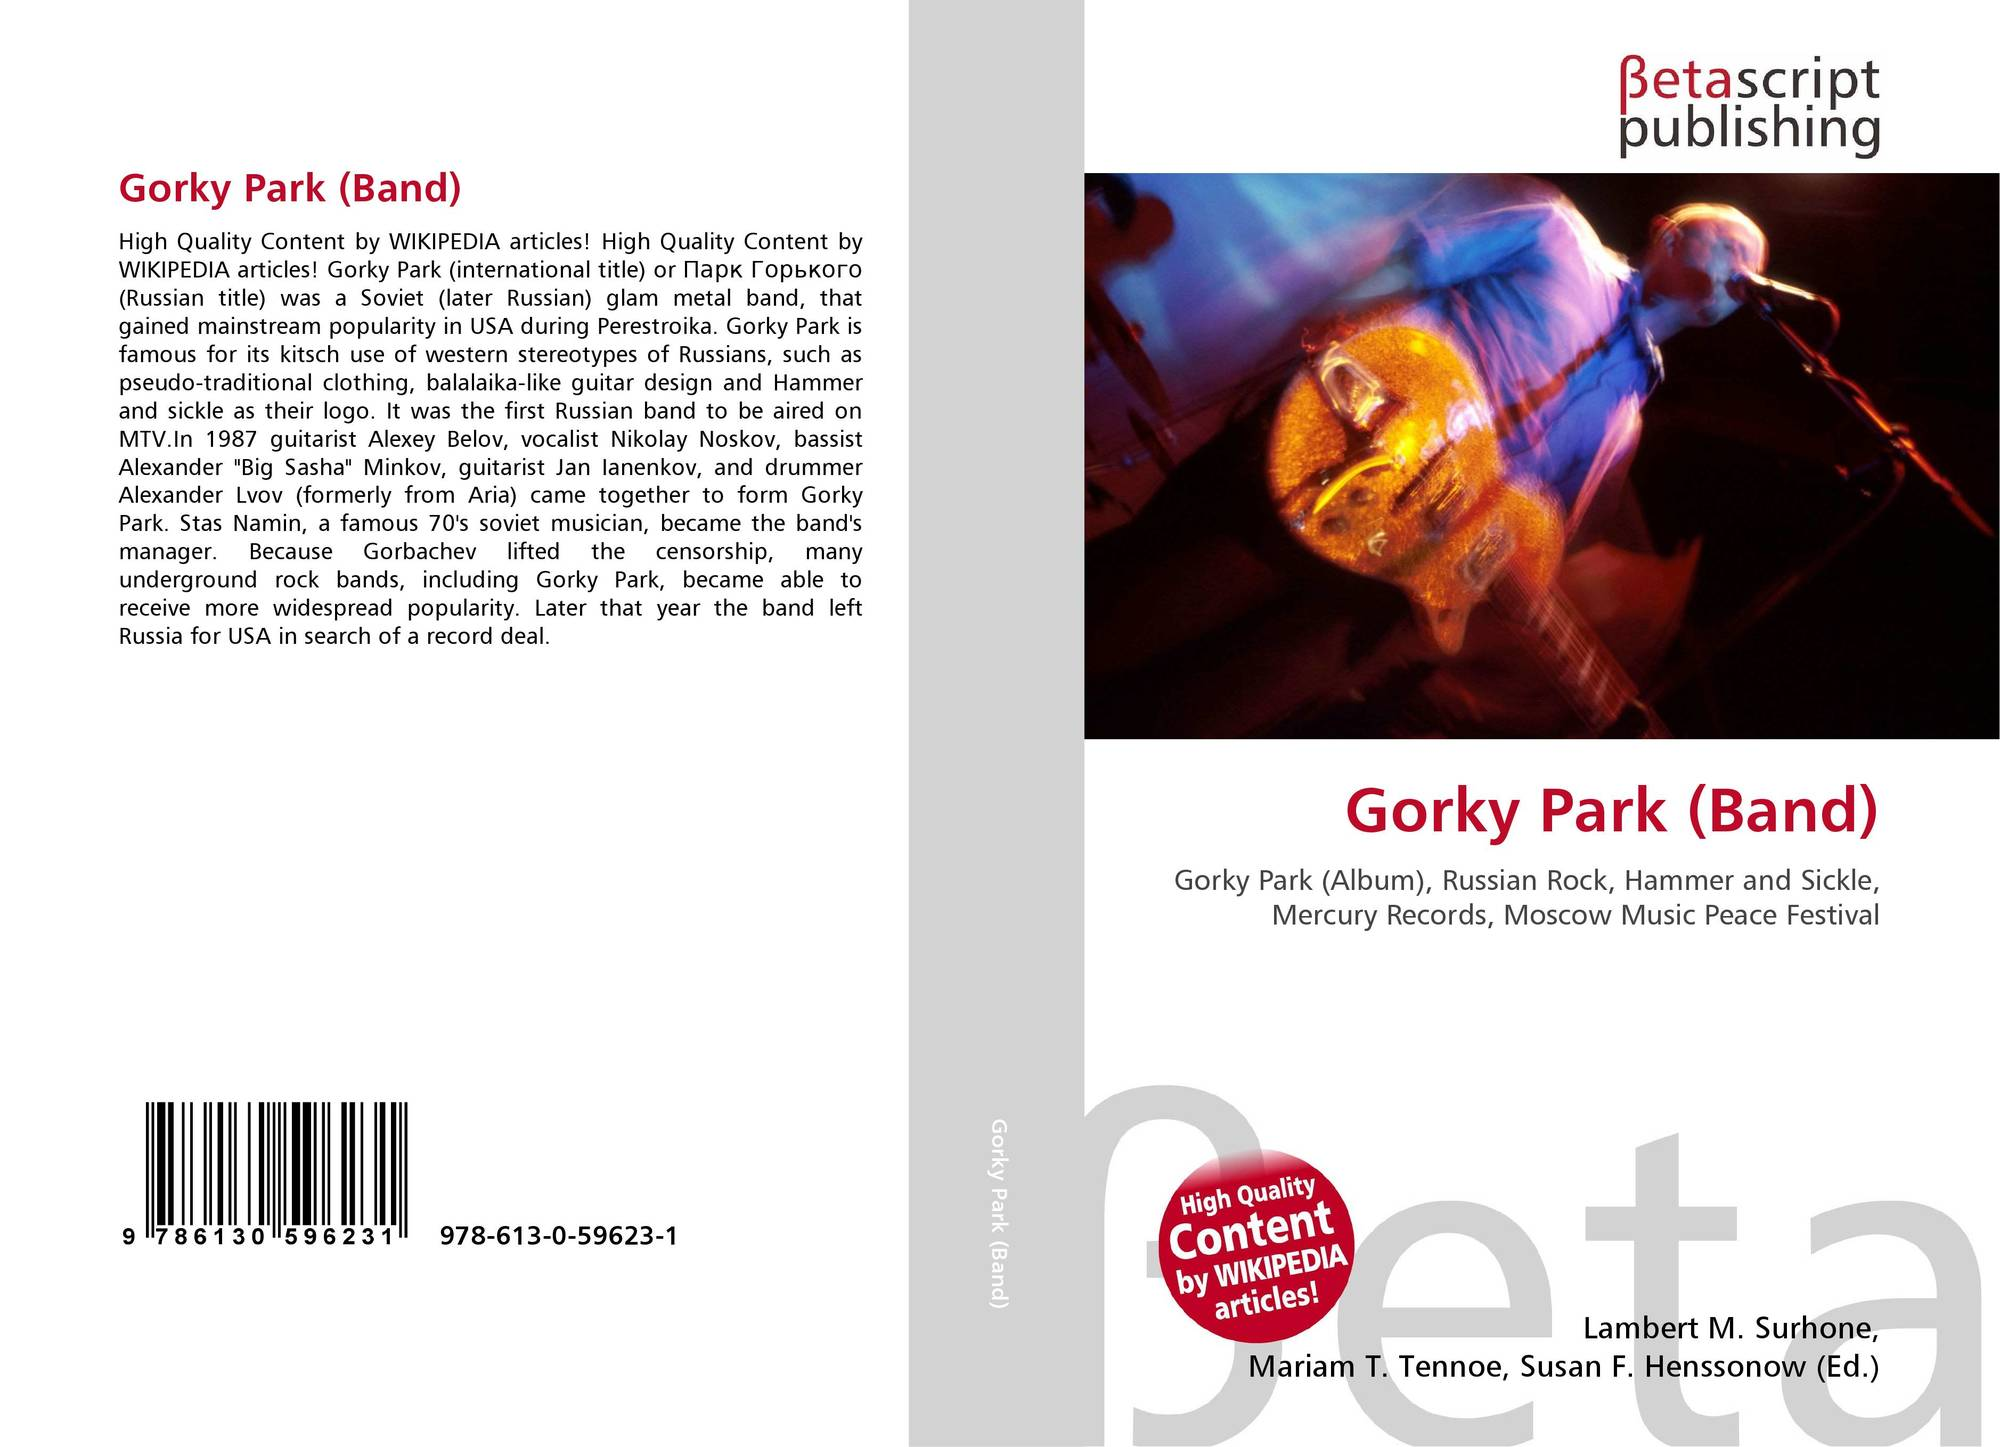 Gorky Park Band 978 613 0 59623 1 6130596235 9786130596231